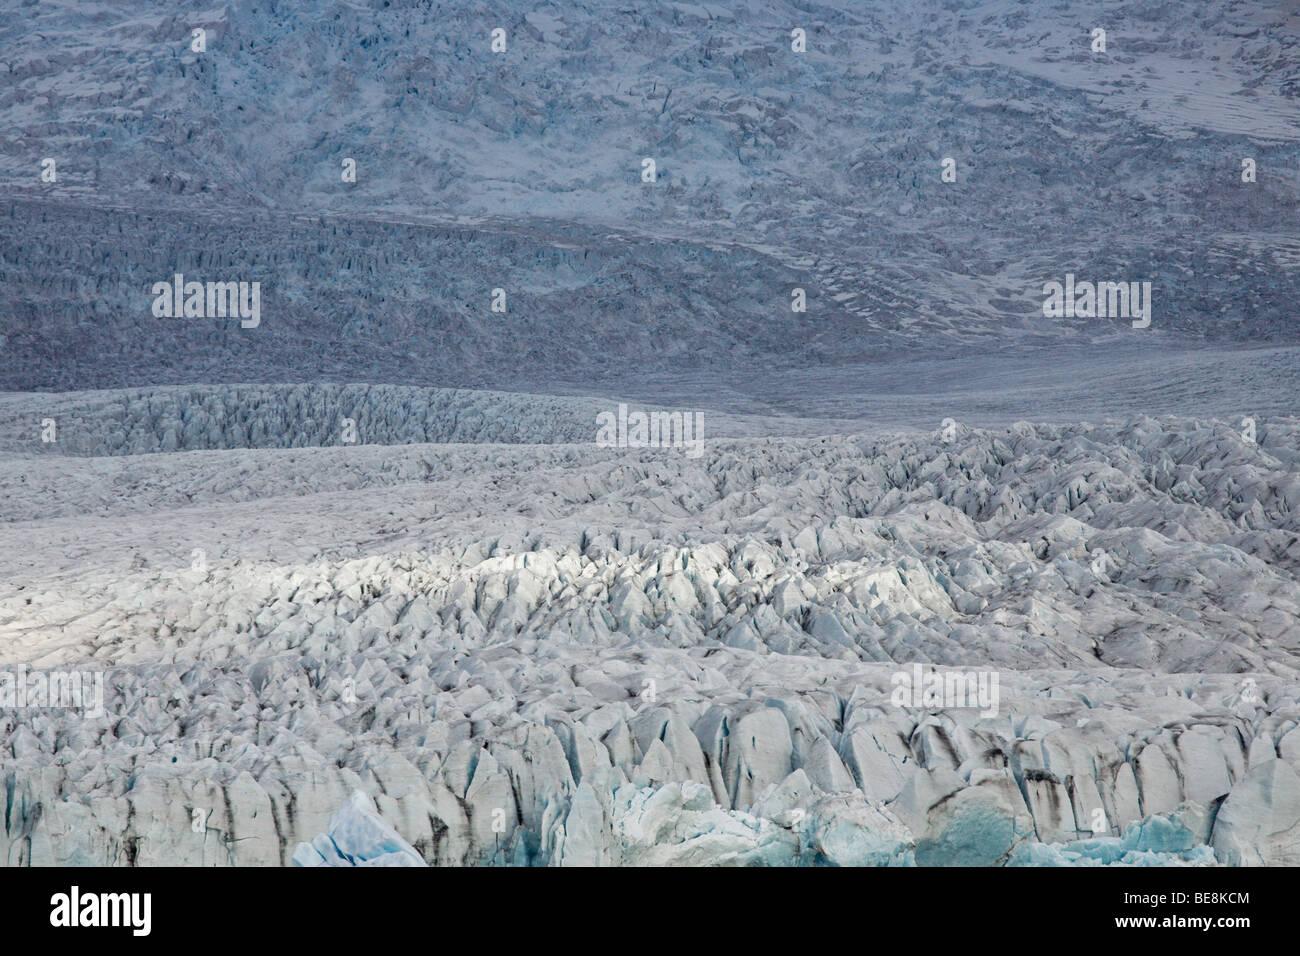 Gletsjer in zuid-oost ijsland; glacier in south-east Iceland - Stock Image